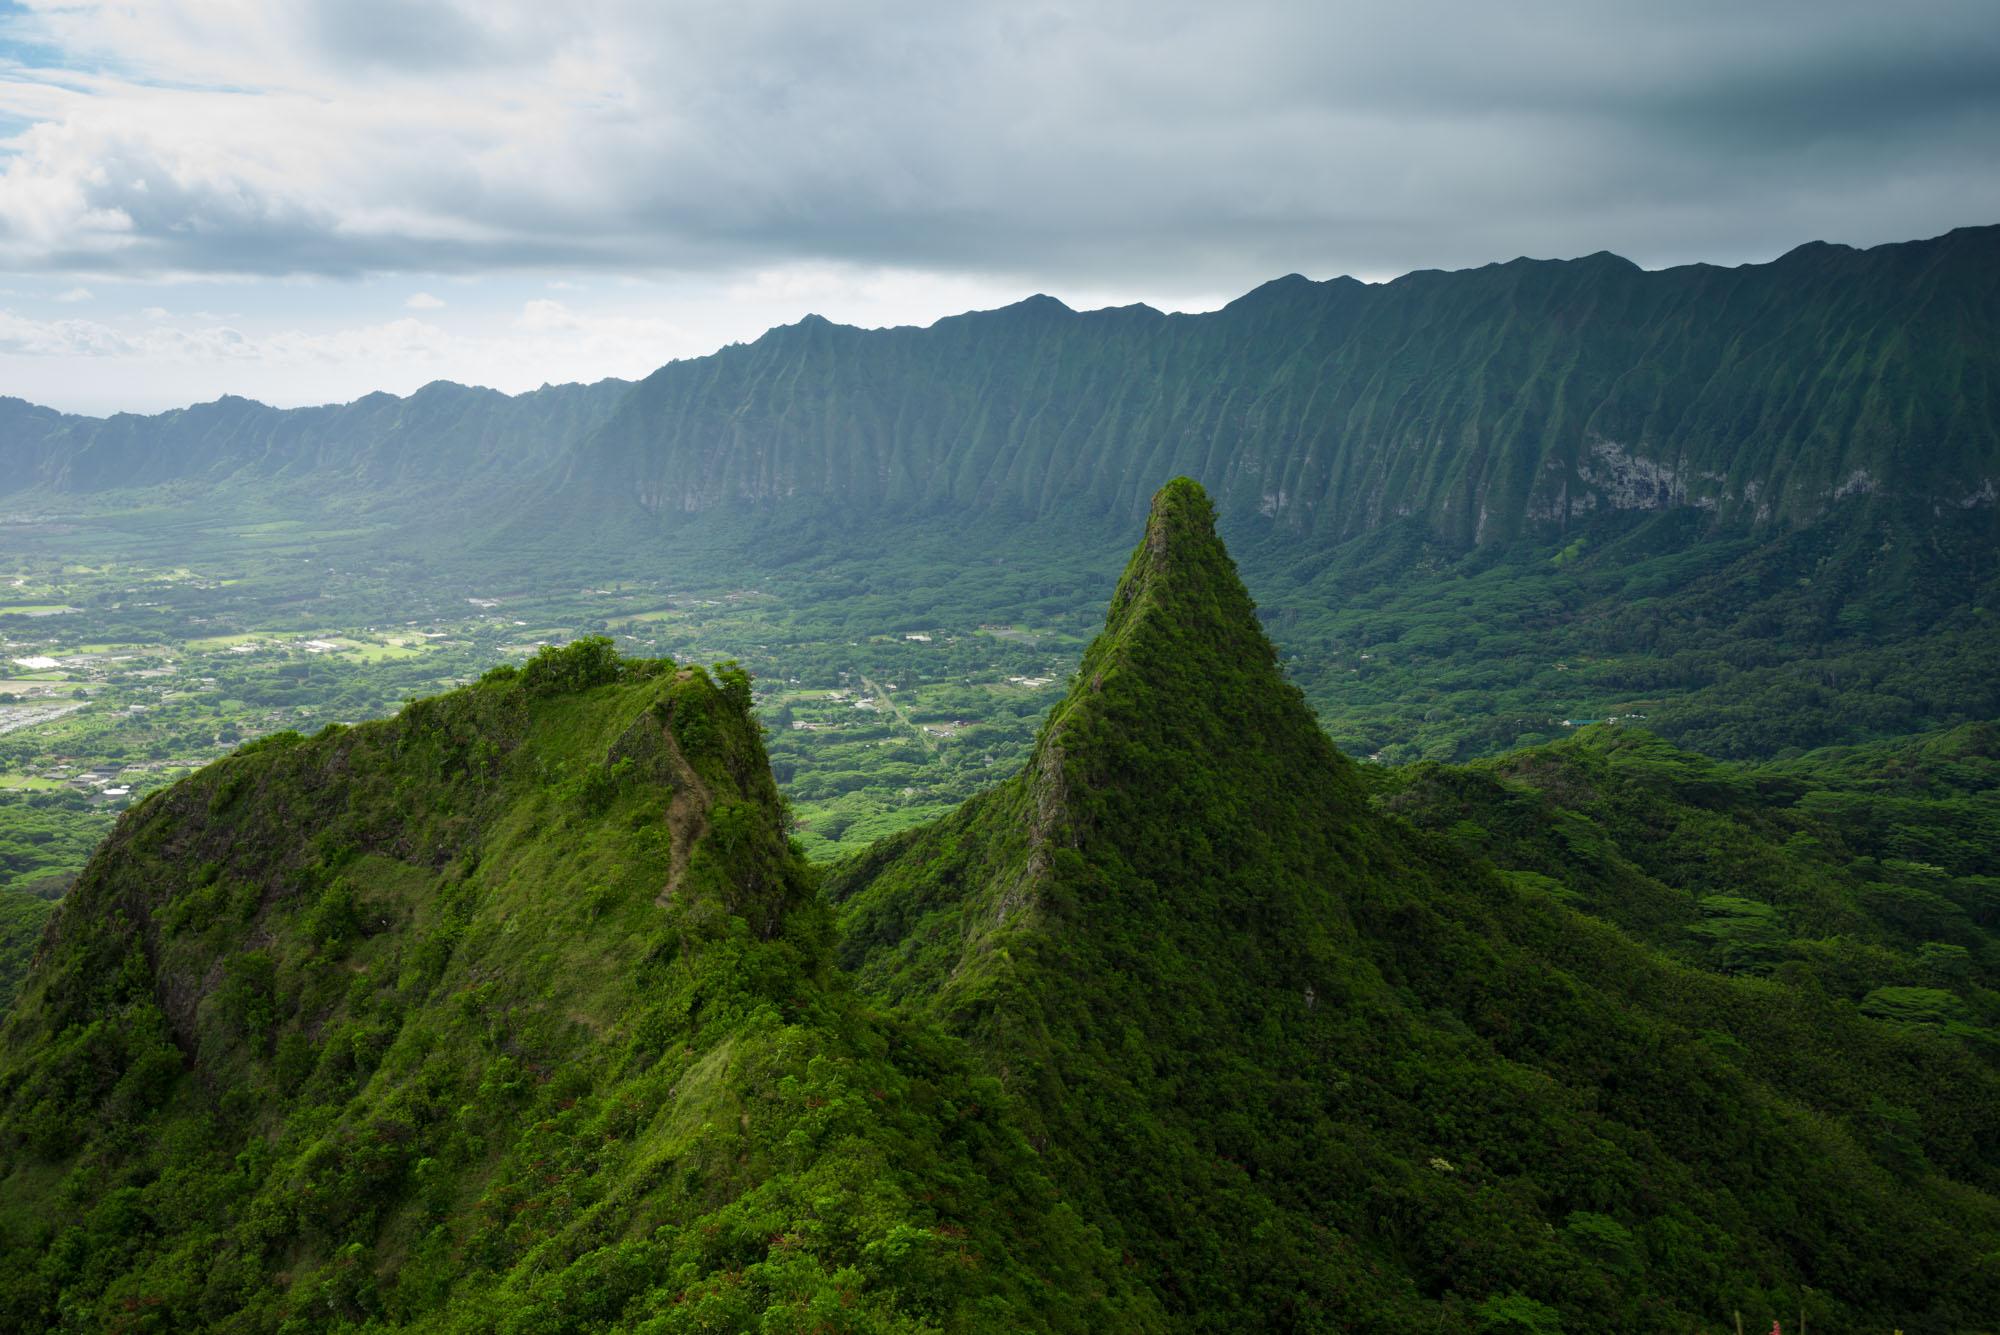 Olomana Three Peaks Trail